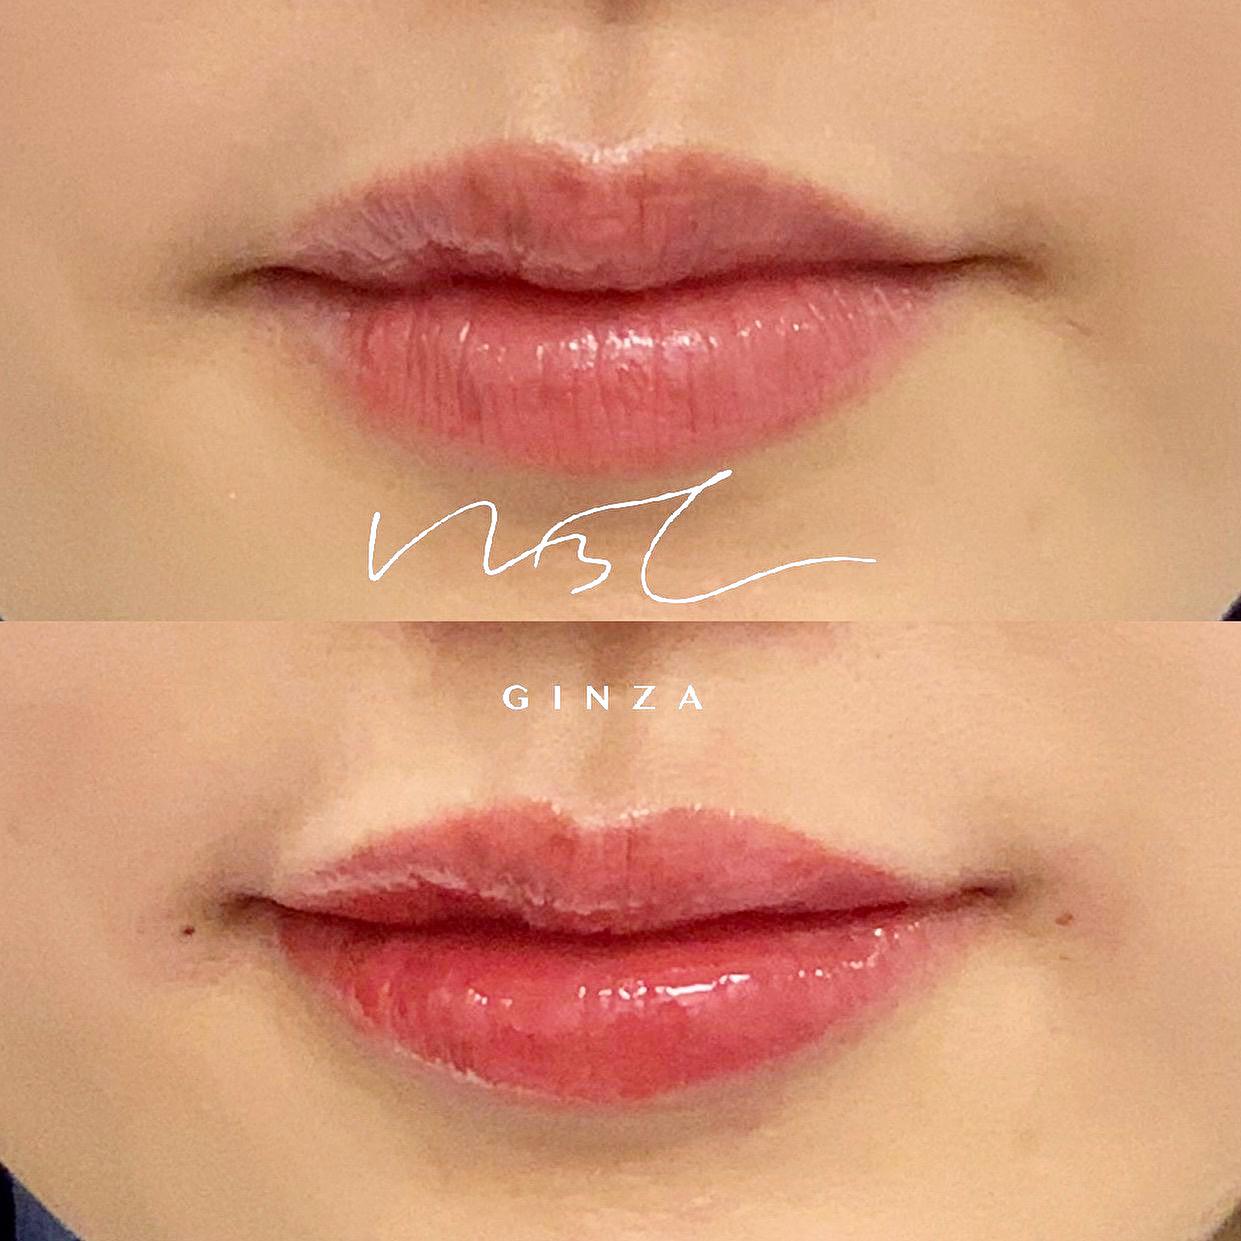 唇のヒアルロン酸注入の症例